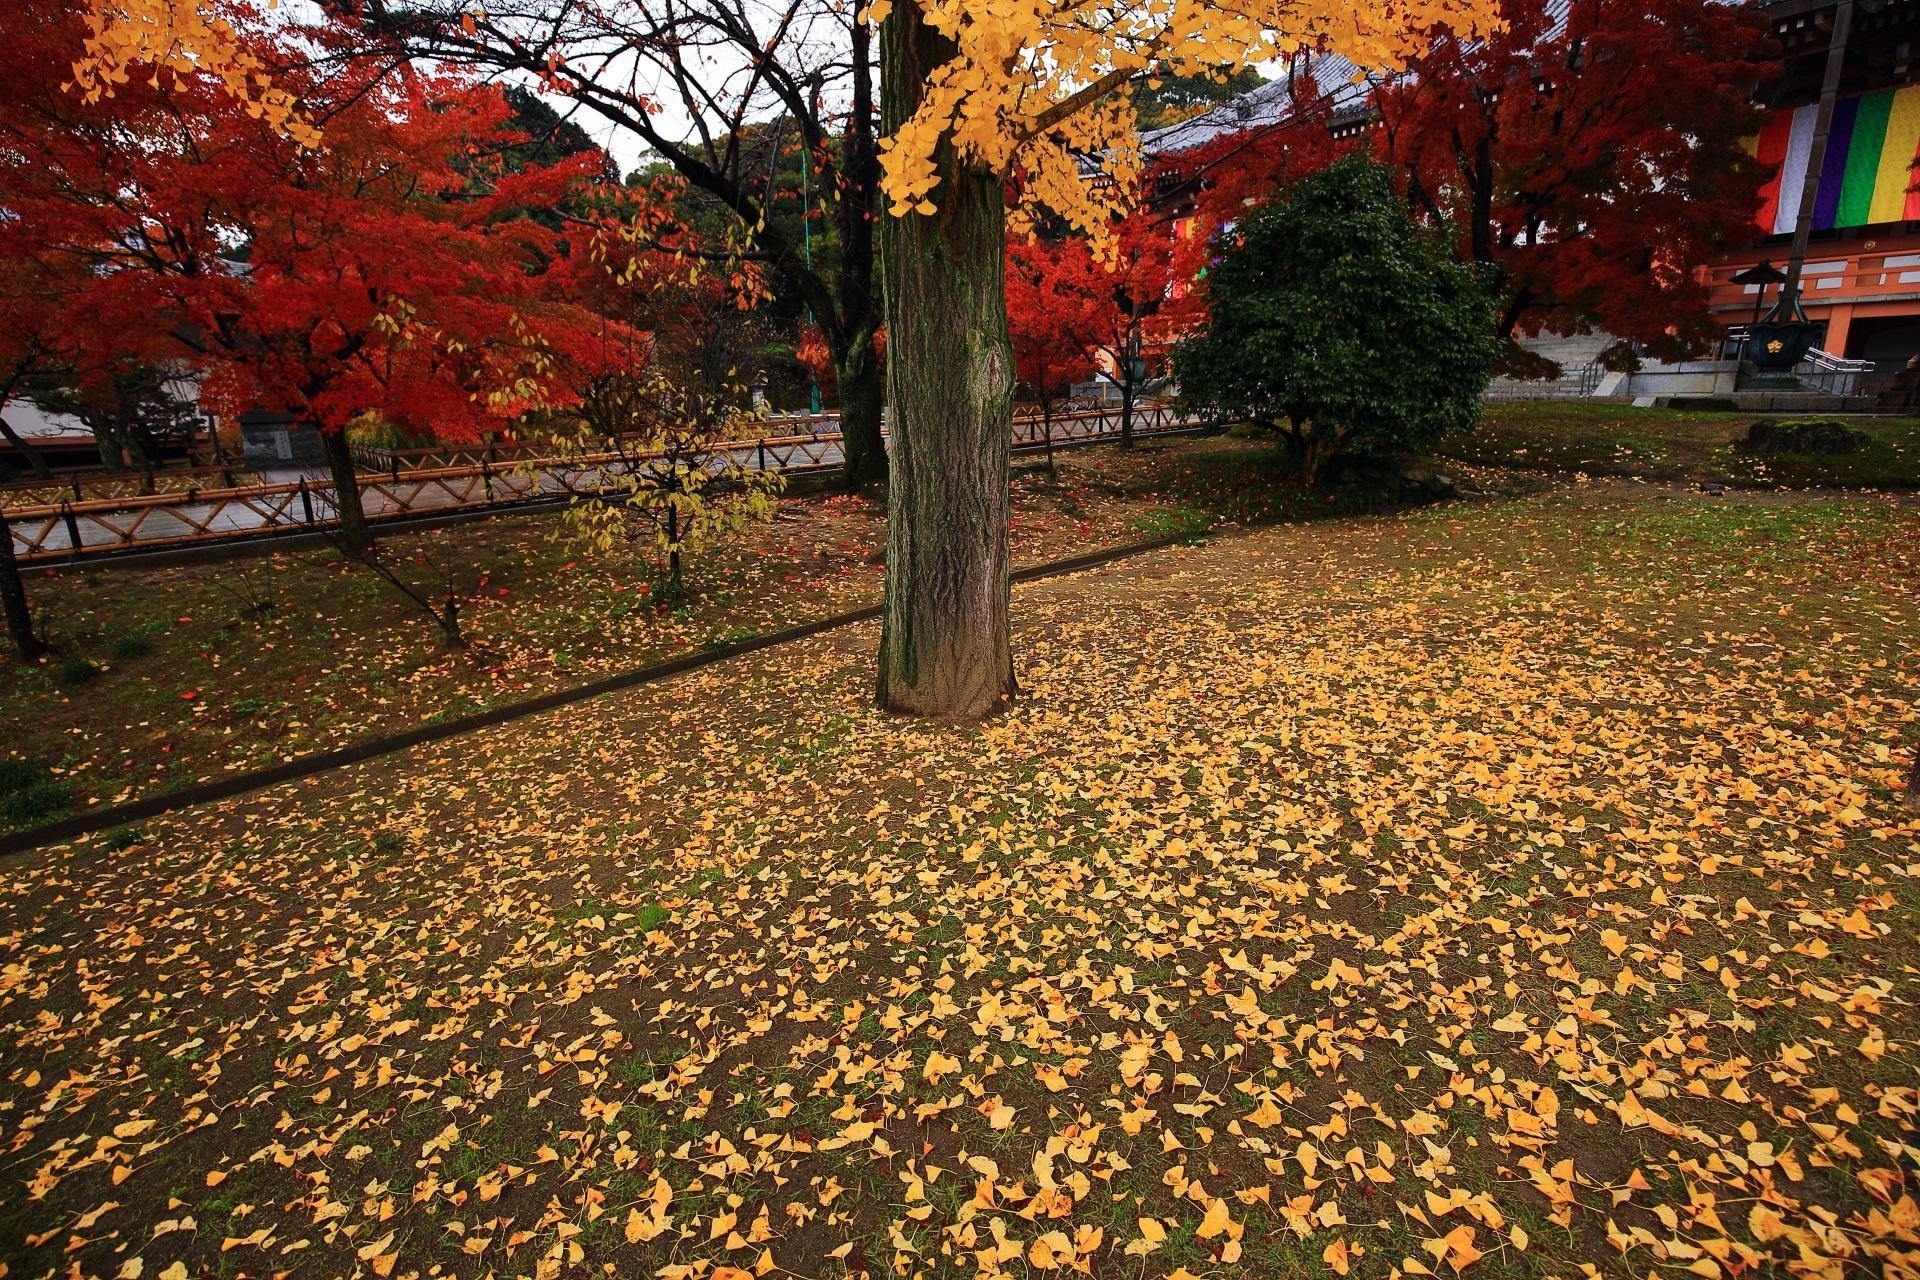 智積院の金堂前の散り銀杏と鮮やかな紅葉